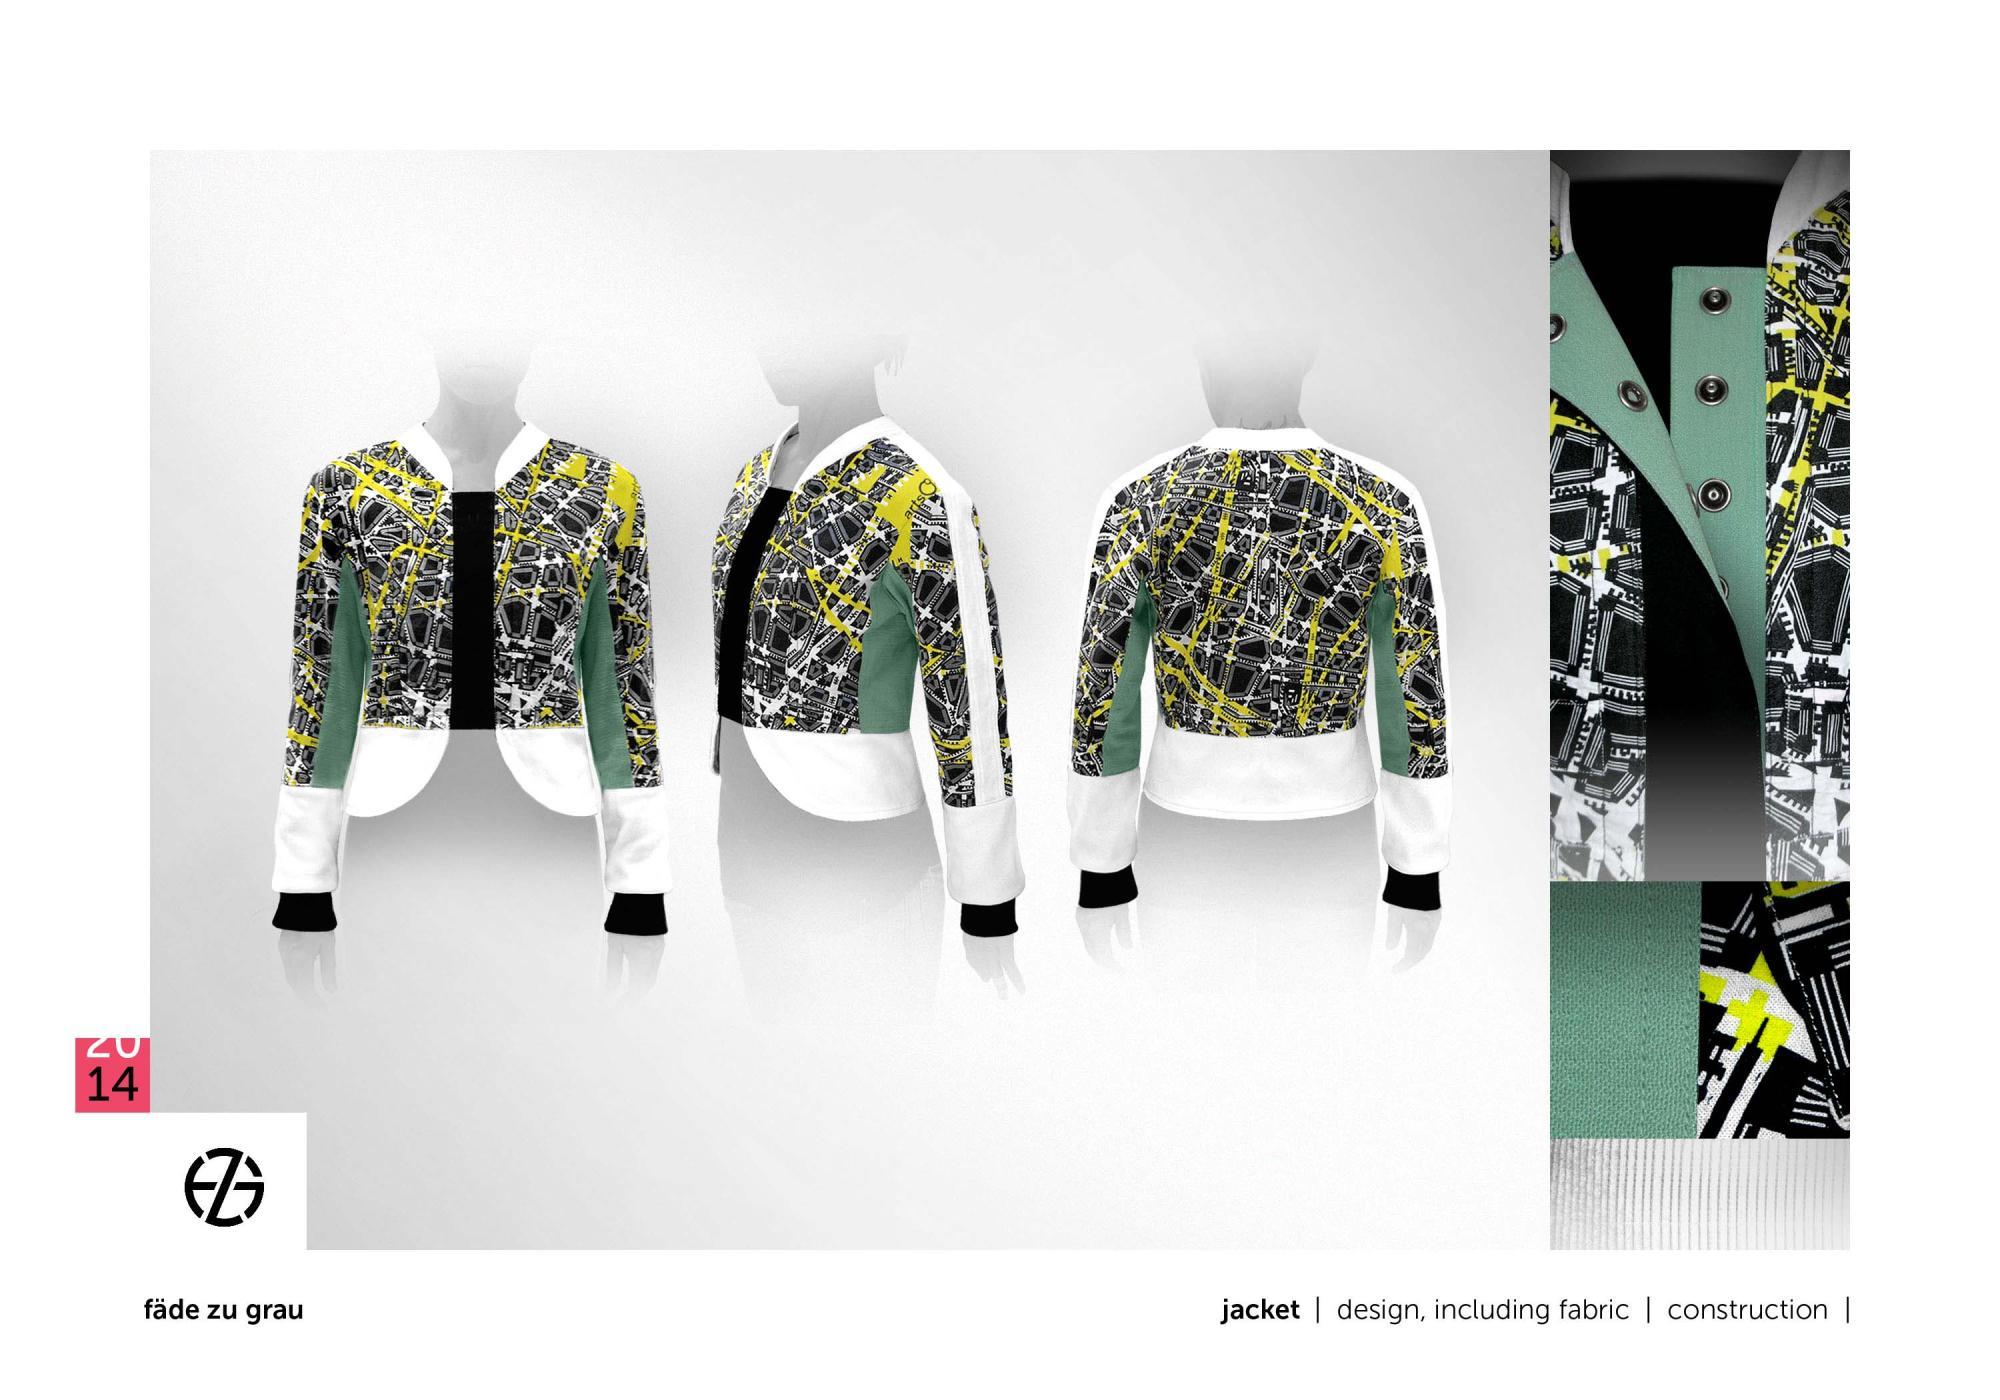 fäde zu grau | jacket